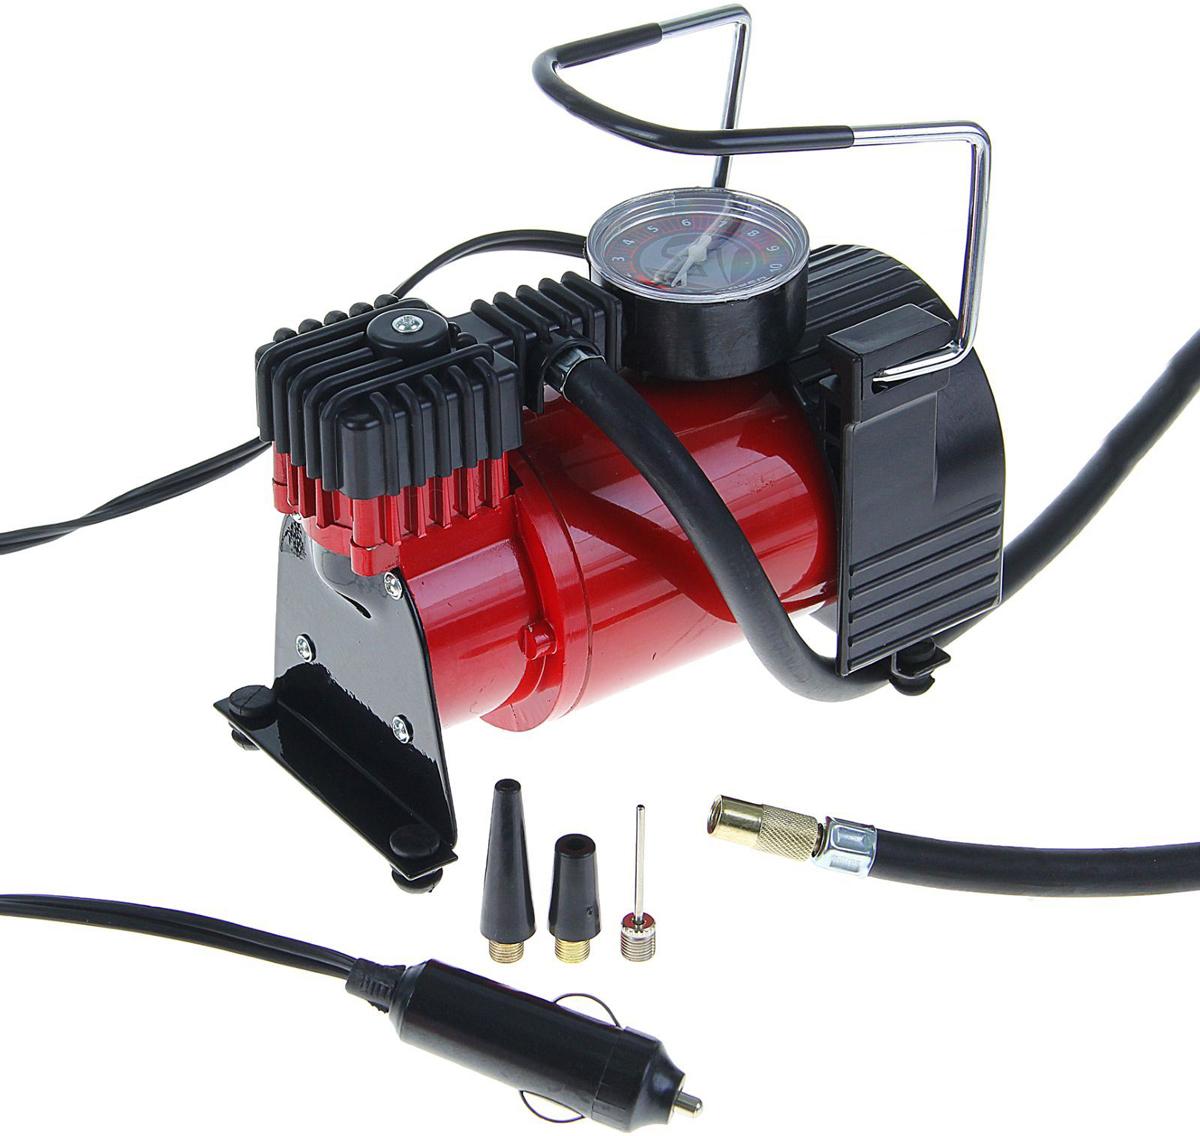 Компрессор автомобильный Torso TK-118, 15А, 35 л/мин1065278Автомобильный компрессор TORSO — это незаменимый помощник автомобилиста. Потребуется для накачивания колеса после прокола, выхода из строя ниппеля или подкачки запаски. Особенно прибор необходим в сезоны смены шин, во время поездок на далёкие расстояния. Специальные насадки позволят подкачать волейбольный мяч, шины велосипеда или резиновую лодку. Бюджетная модель, подойдёт для экономного водителя, который ценит соотношение хорошего качества и оптимальной стоимости. 15 А, 35 л/мин, провод 3 м, шланг 1 м